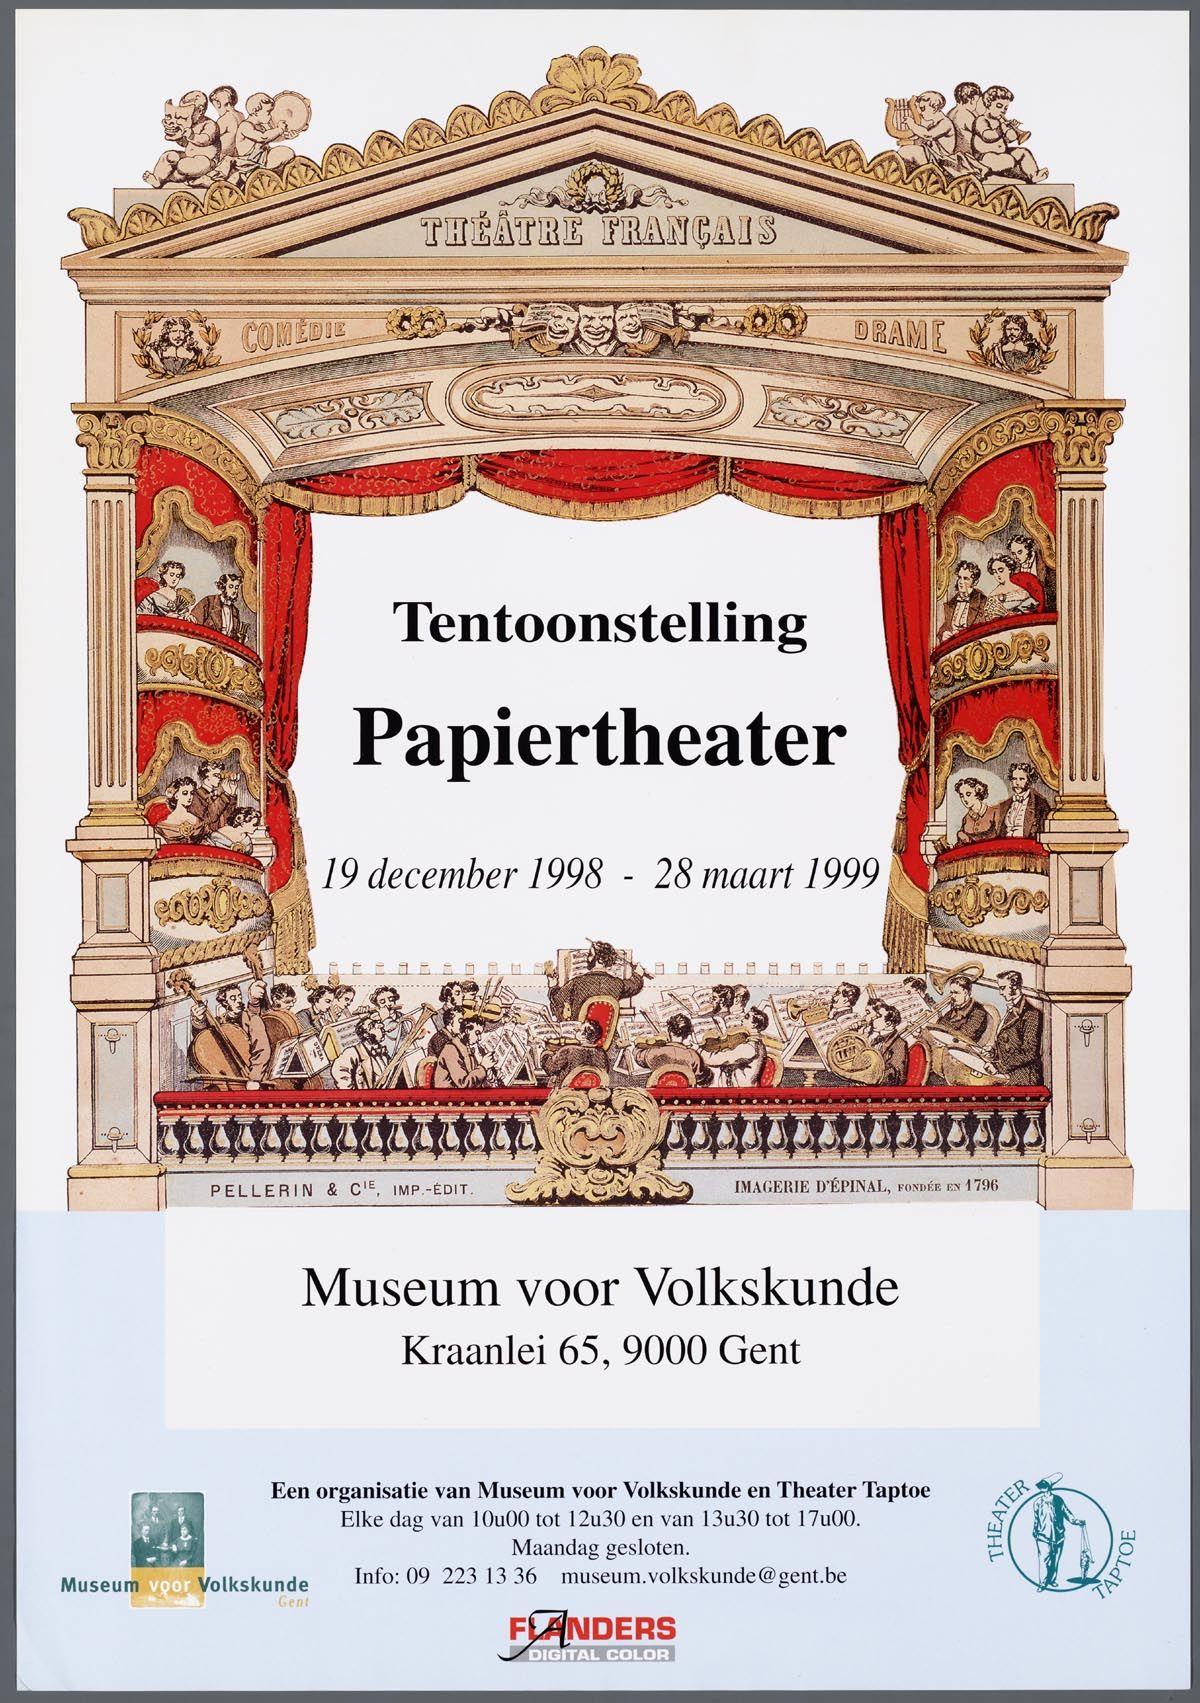 Affiche voor de Tentoonstelling Papiertheater in het Museum voor Volkskunde van 19 december t/m 28 maart 1999 in Gent, België